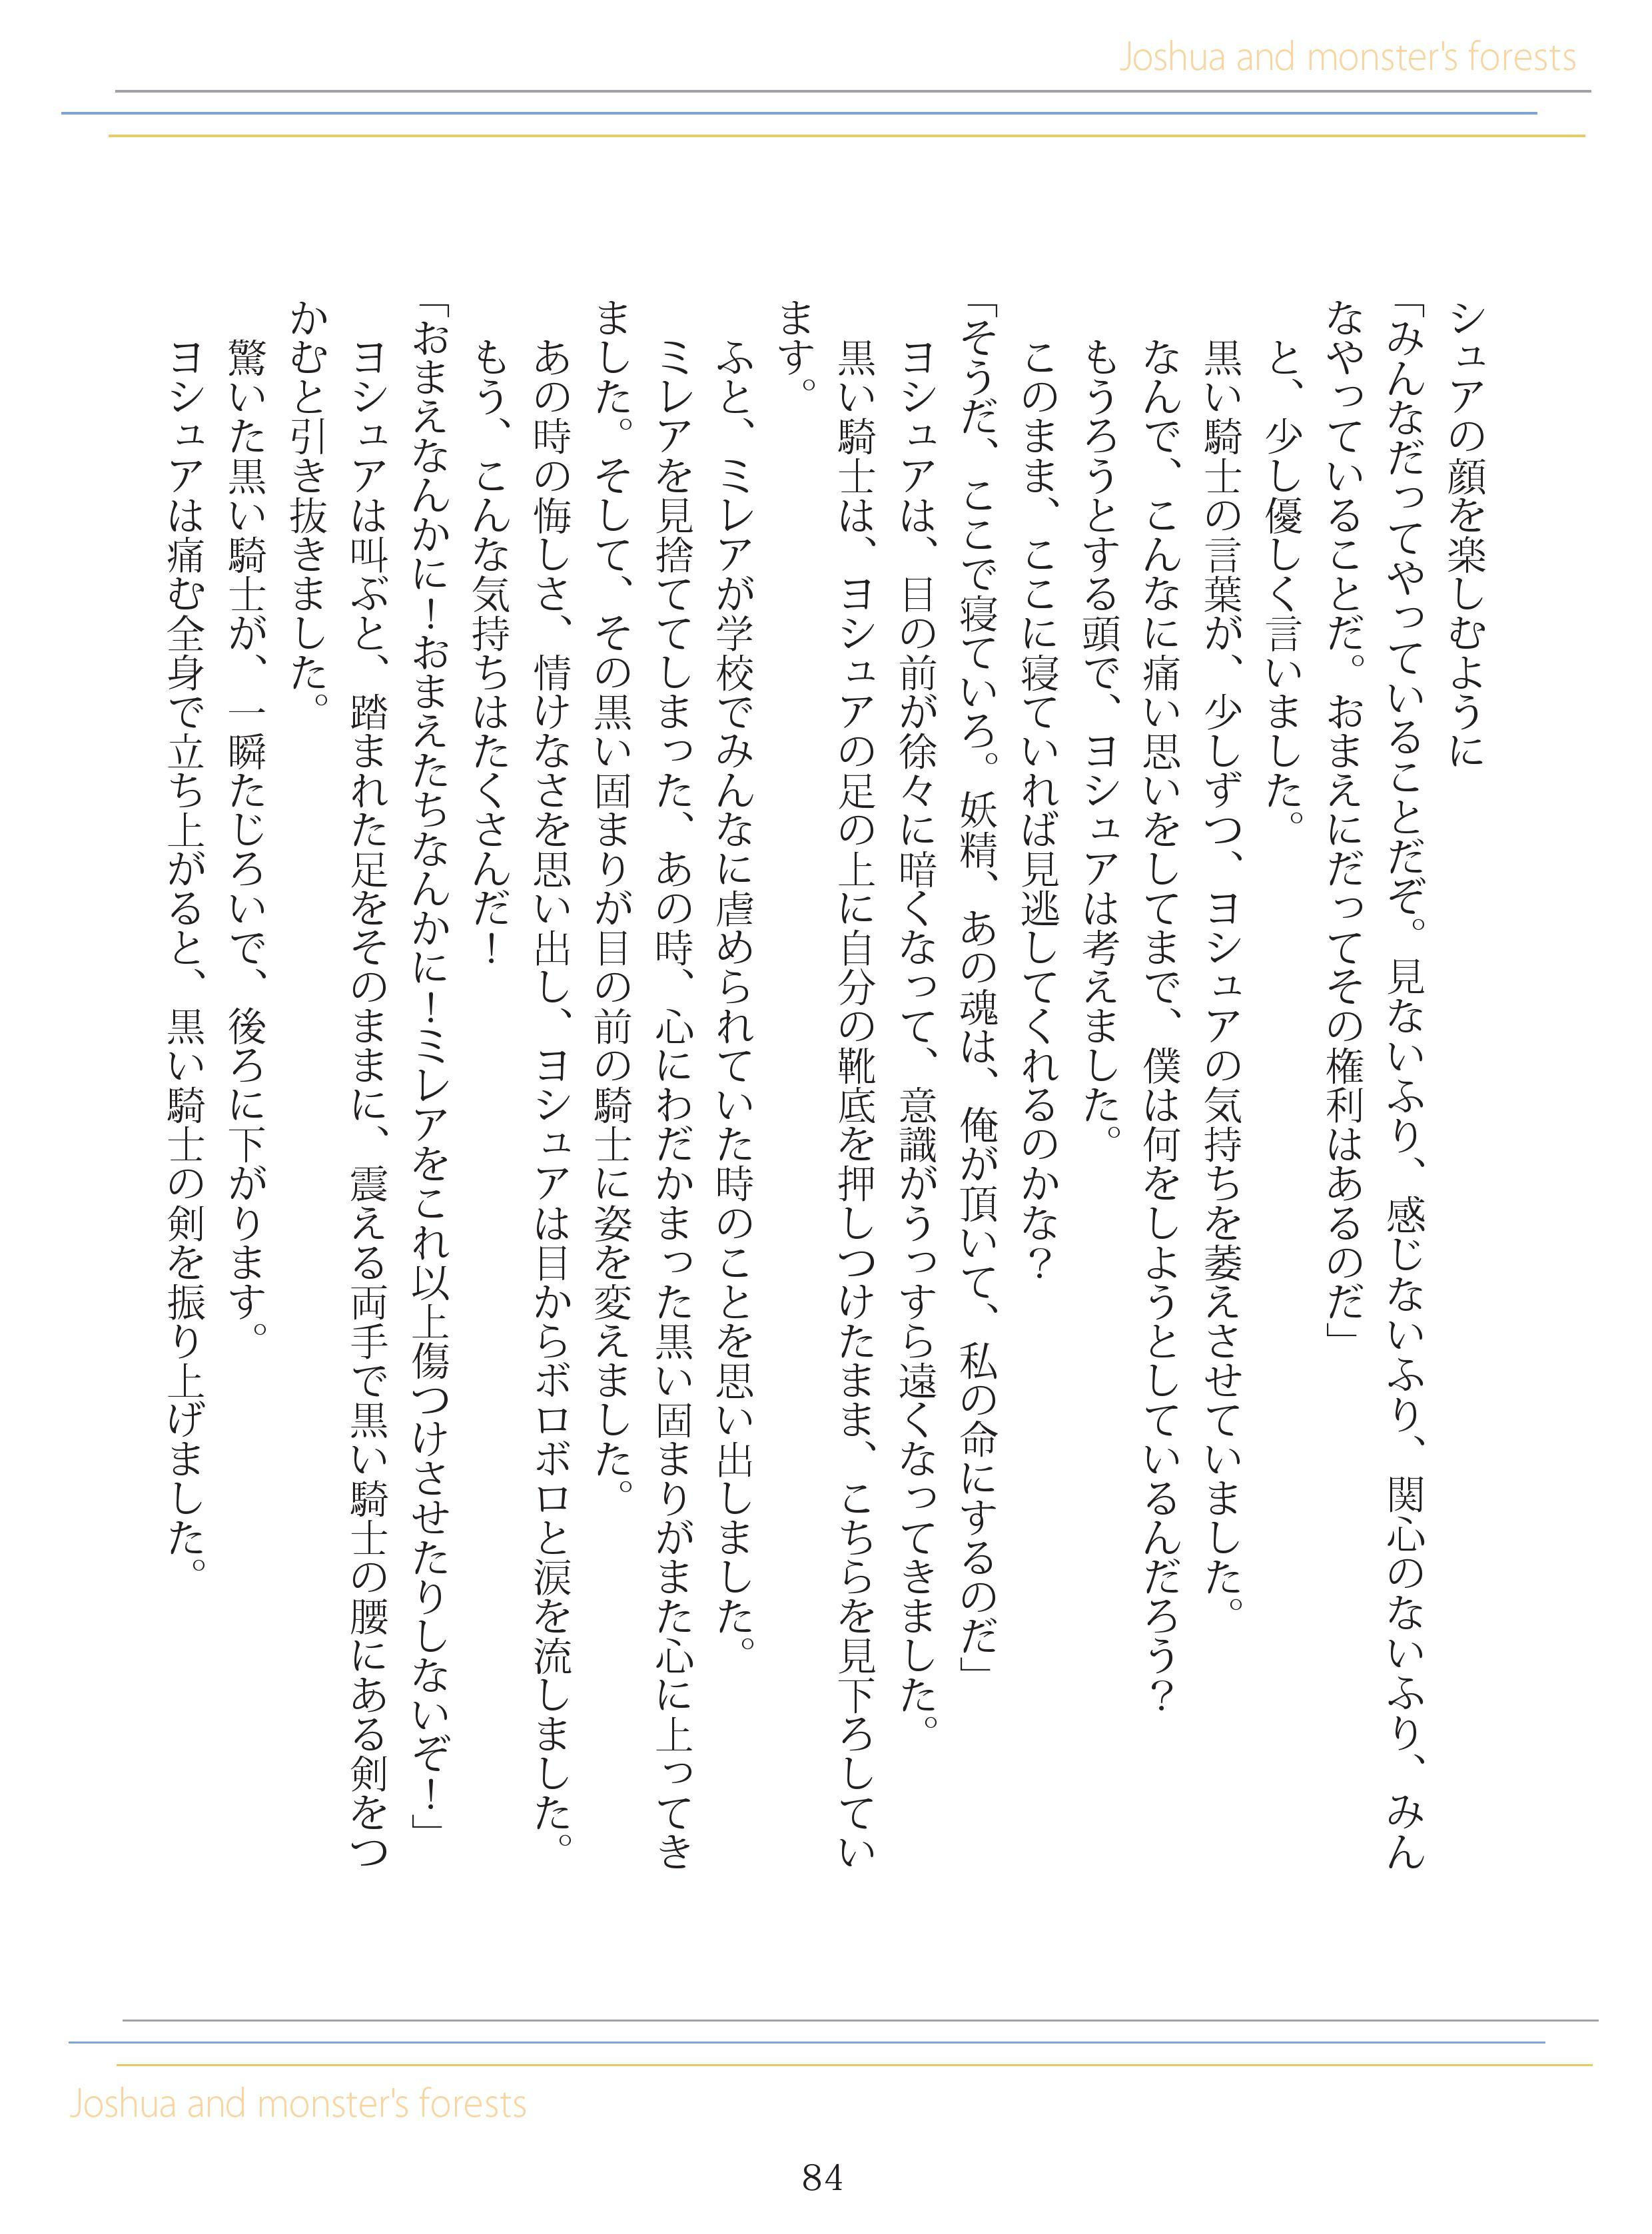 image_085